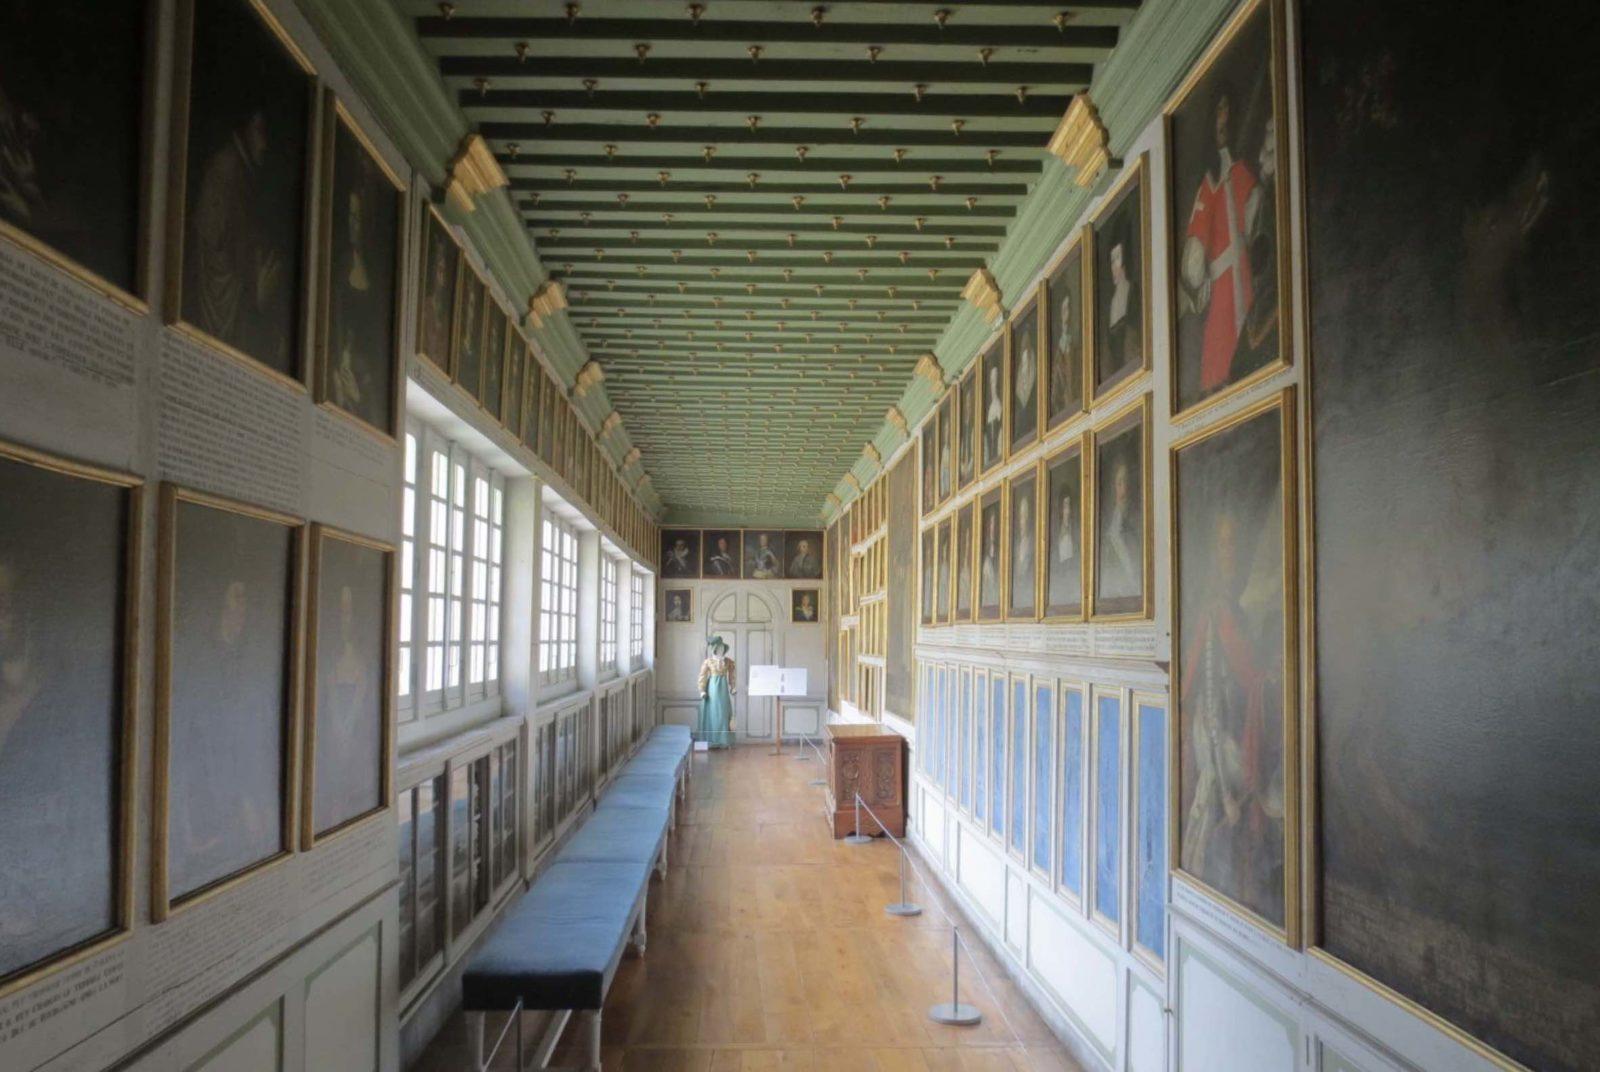 Bussy-Rabutin Salle des rois